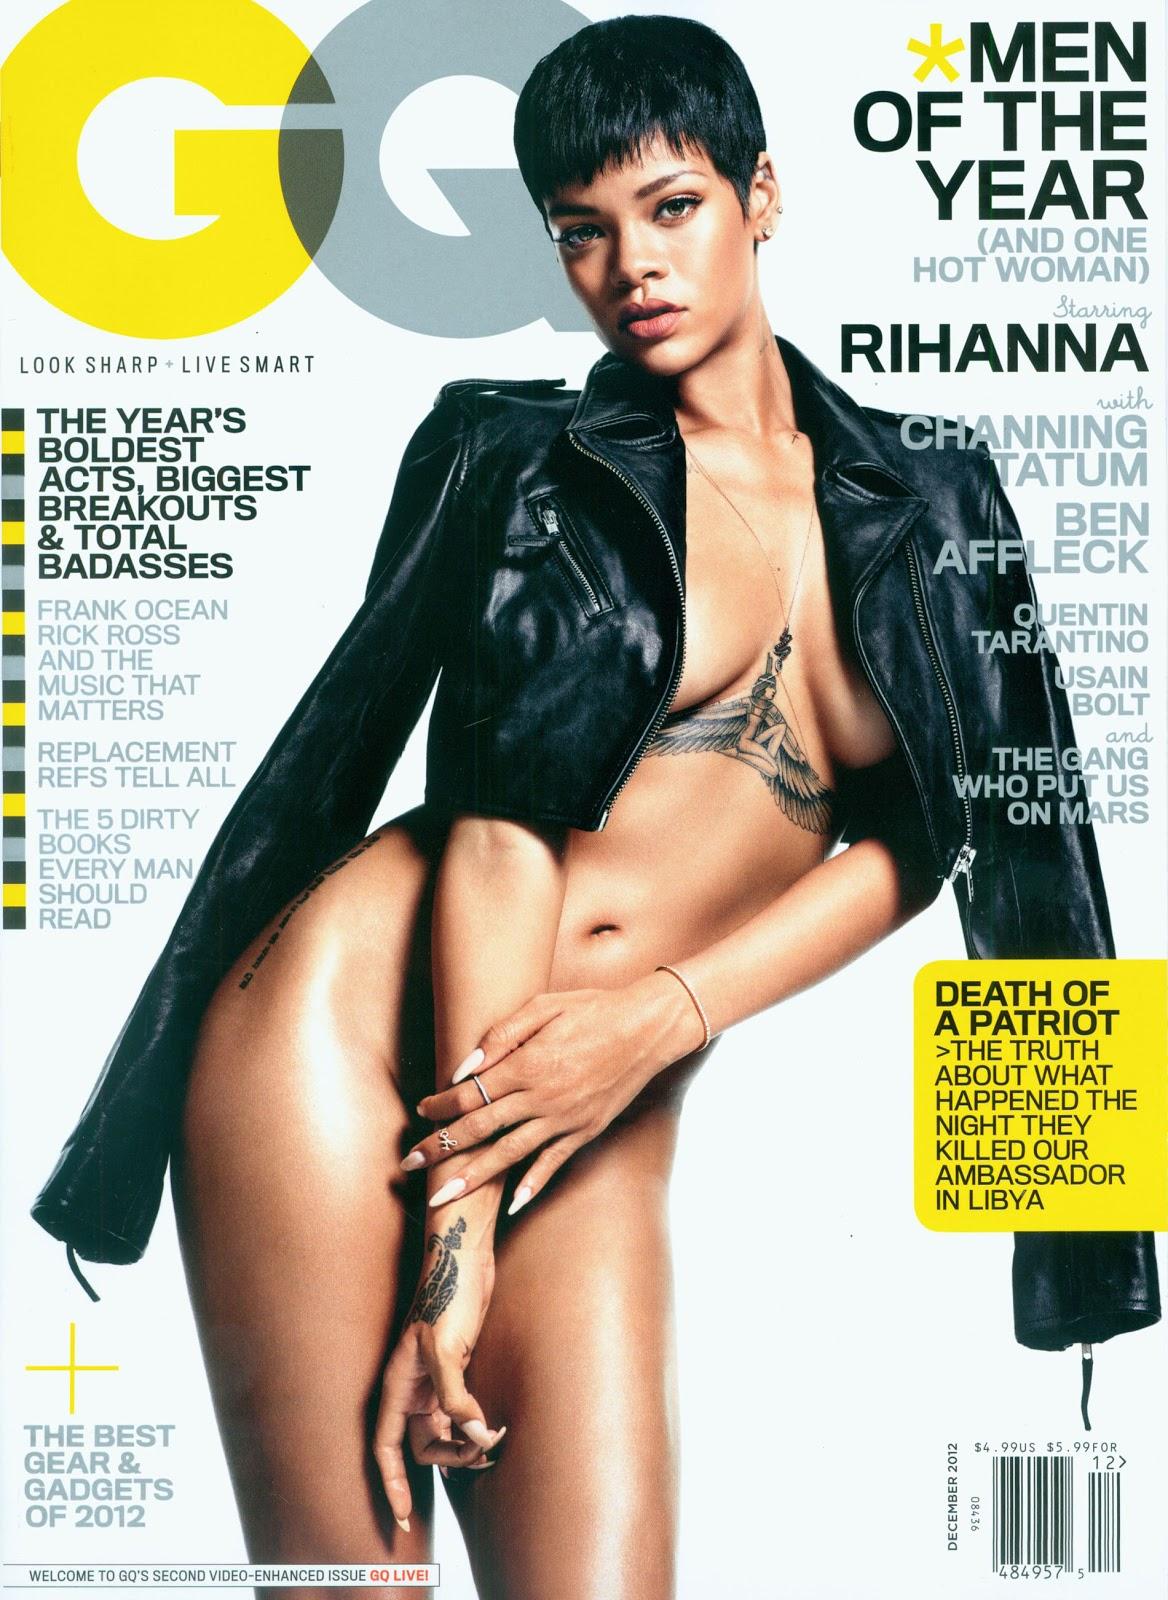 http://2.bp.blogspot.com/-4GEumKGYlEo/UKJqhyn6vsI/AAAAAAAAQTQ/1eWtPyOjScQ/s1600/Rihanna%20GQ%20Magazine%207.jpg